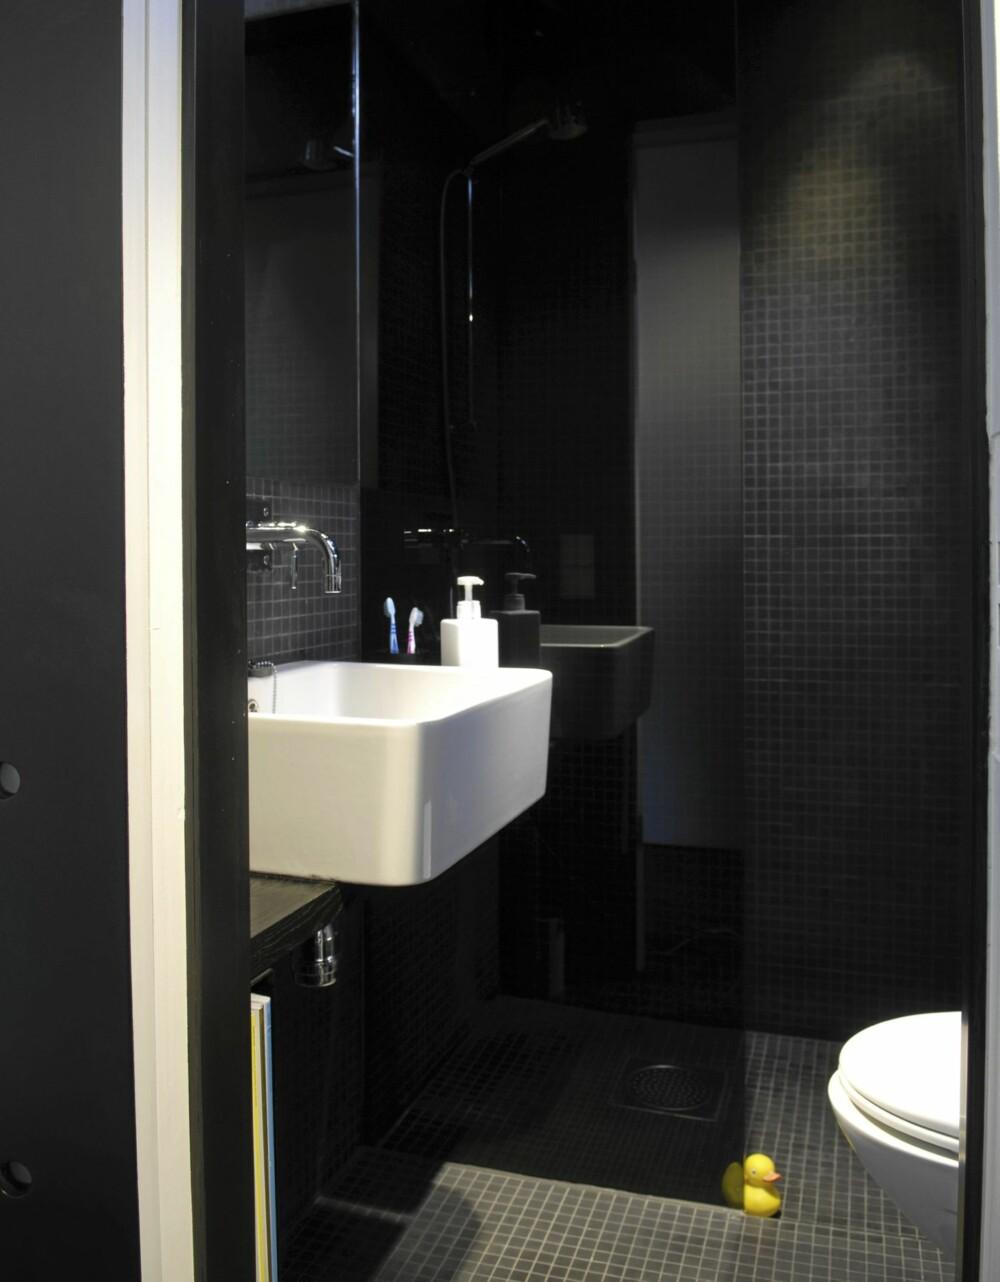 SVART OG KOMPAKT: En halvvegg av frostet, sotet glass separerer dusjen innerst fra toalett og servant ytterst.